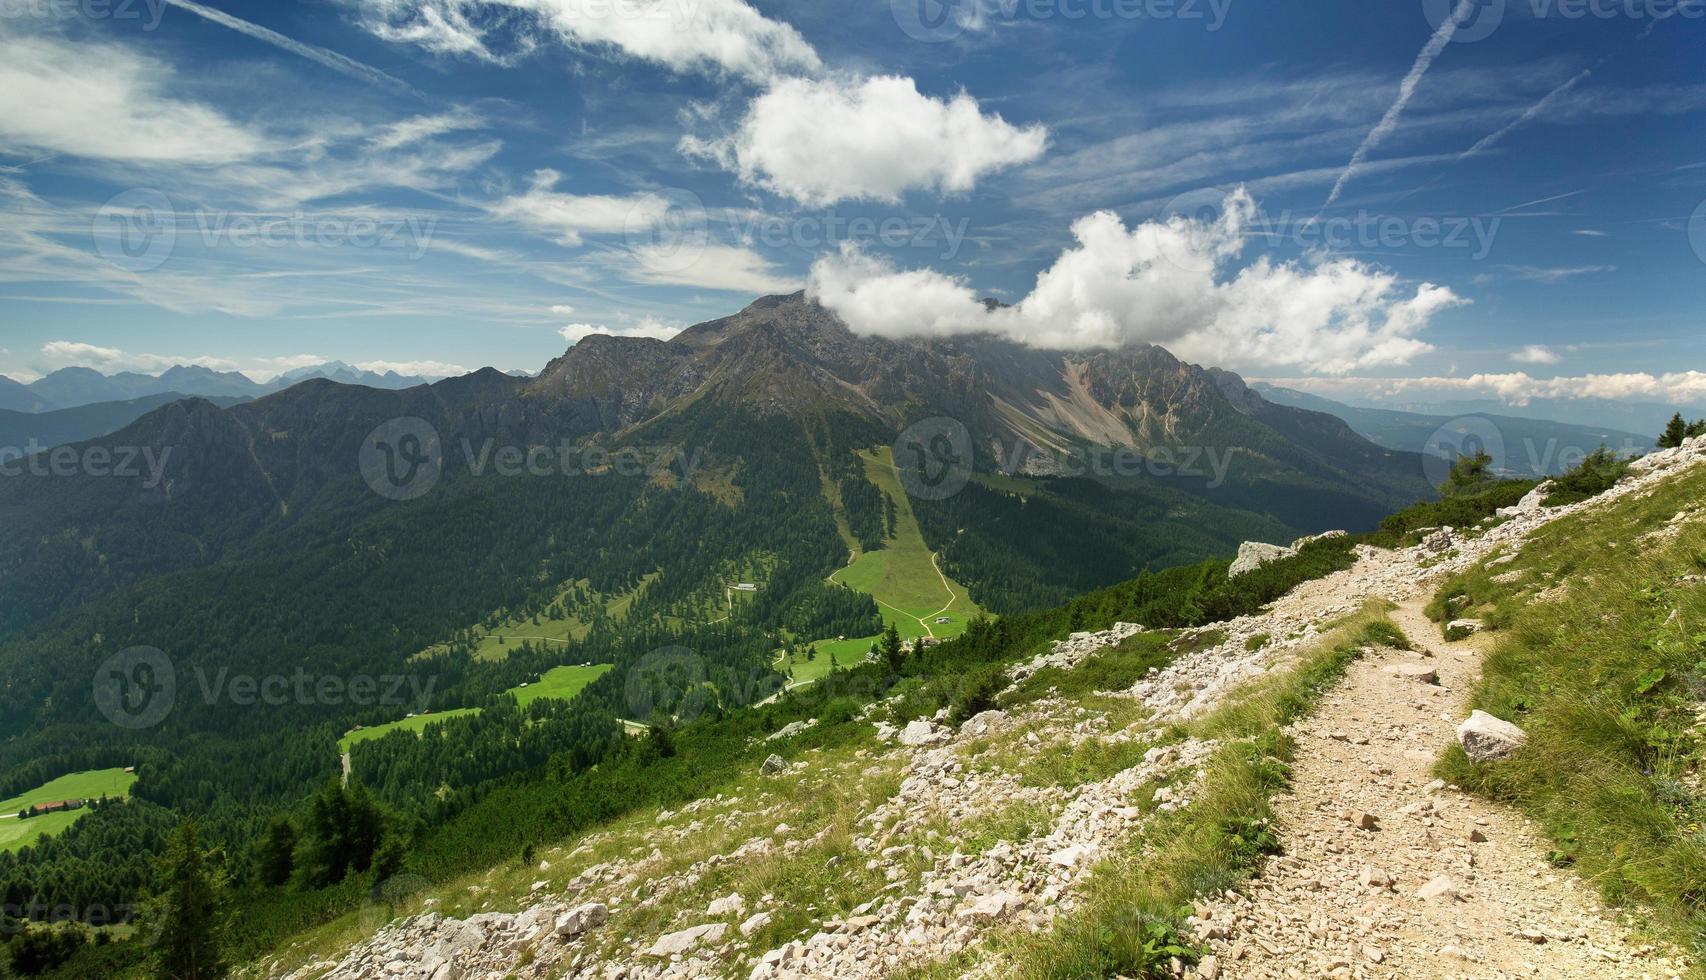 vista do vale da trilha alpina foto